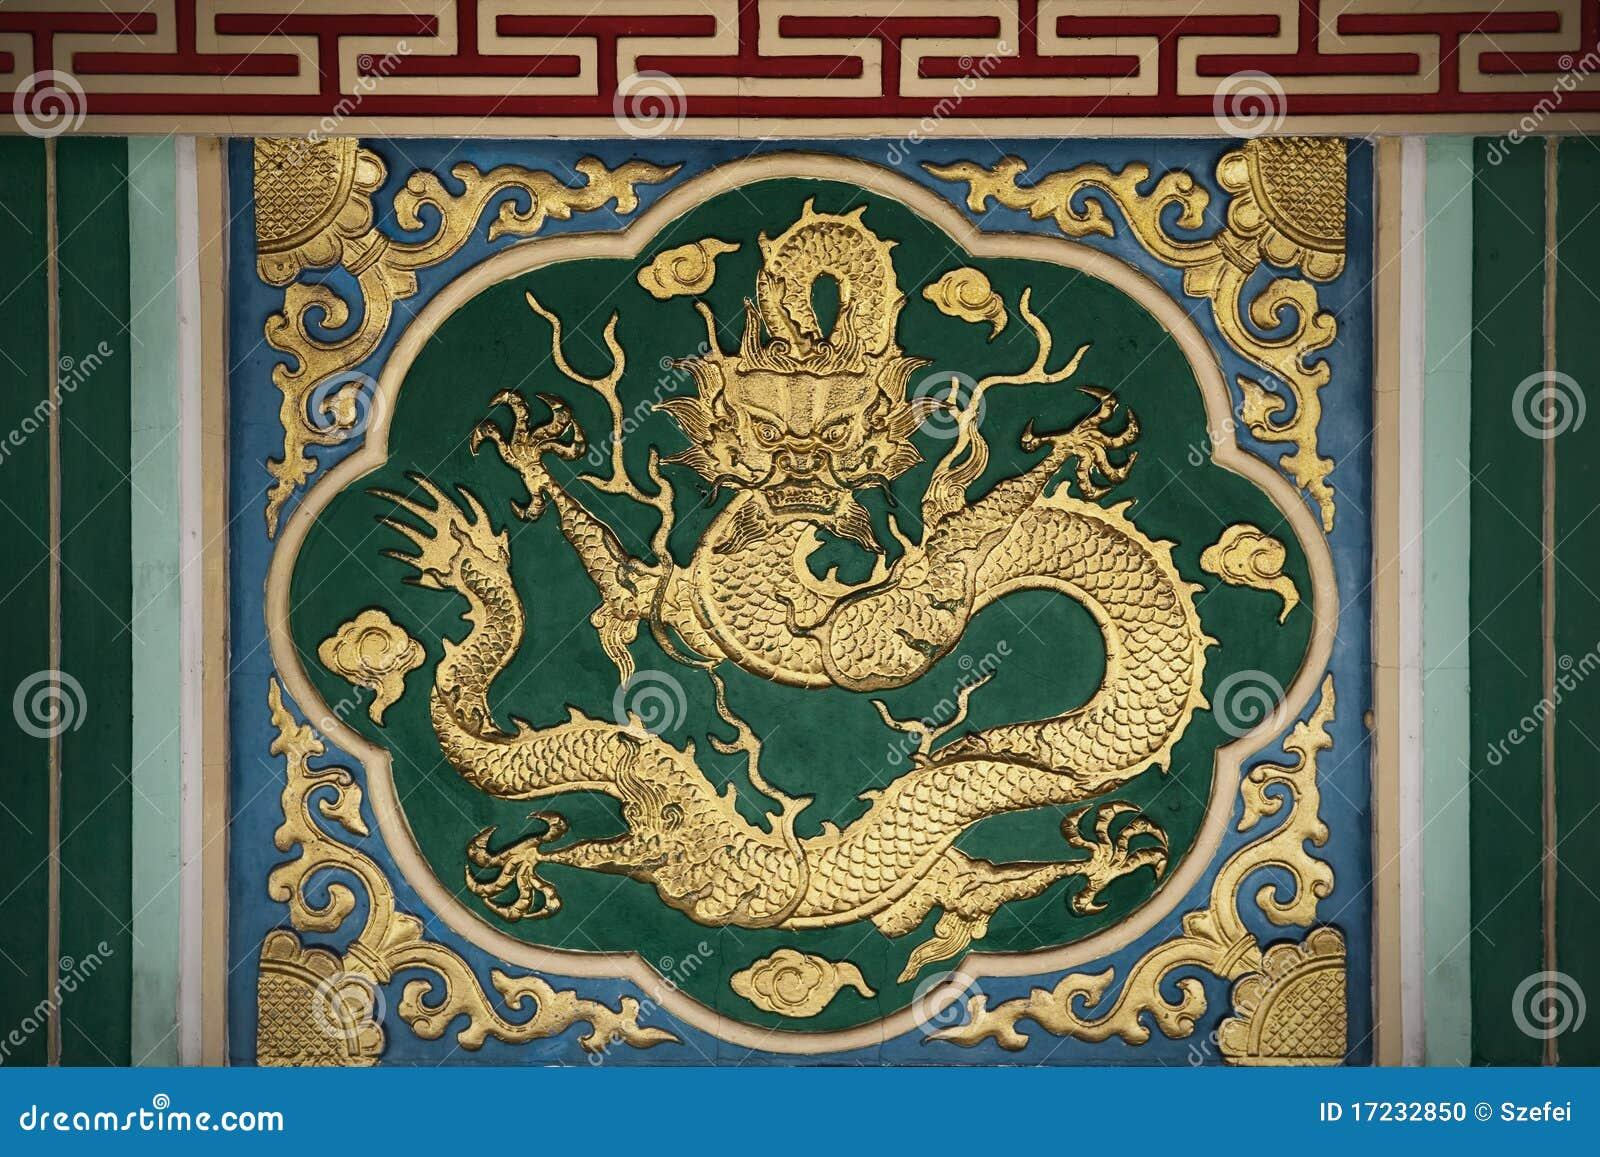 feng shui drogon stock photo image of design allegory 17232850. Black Bedroom Furniture Sets. Home Design Ideas